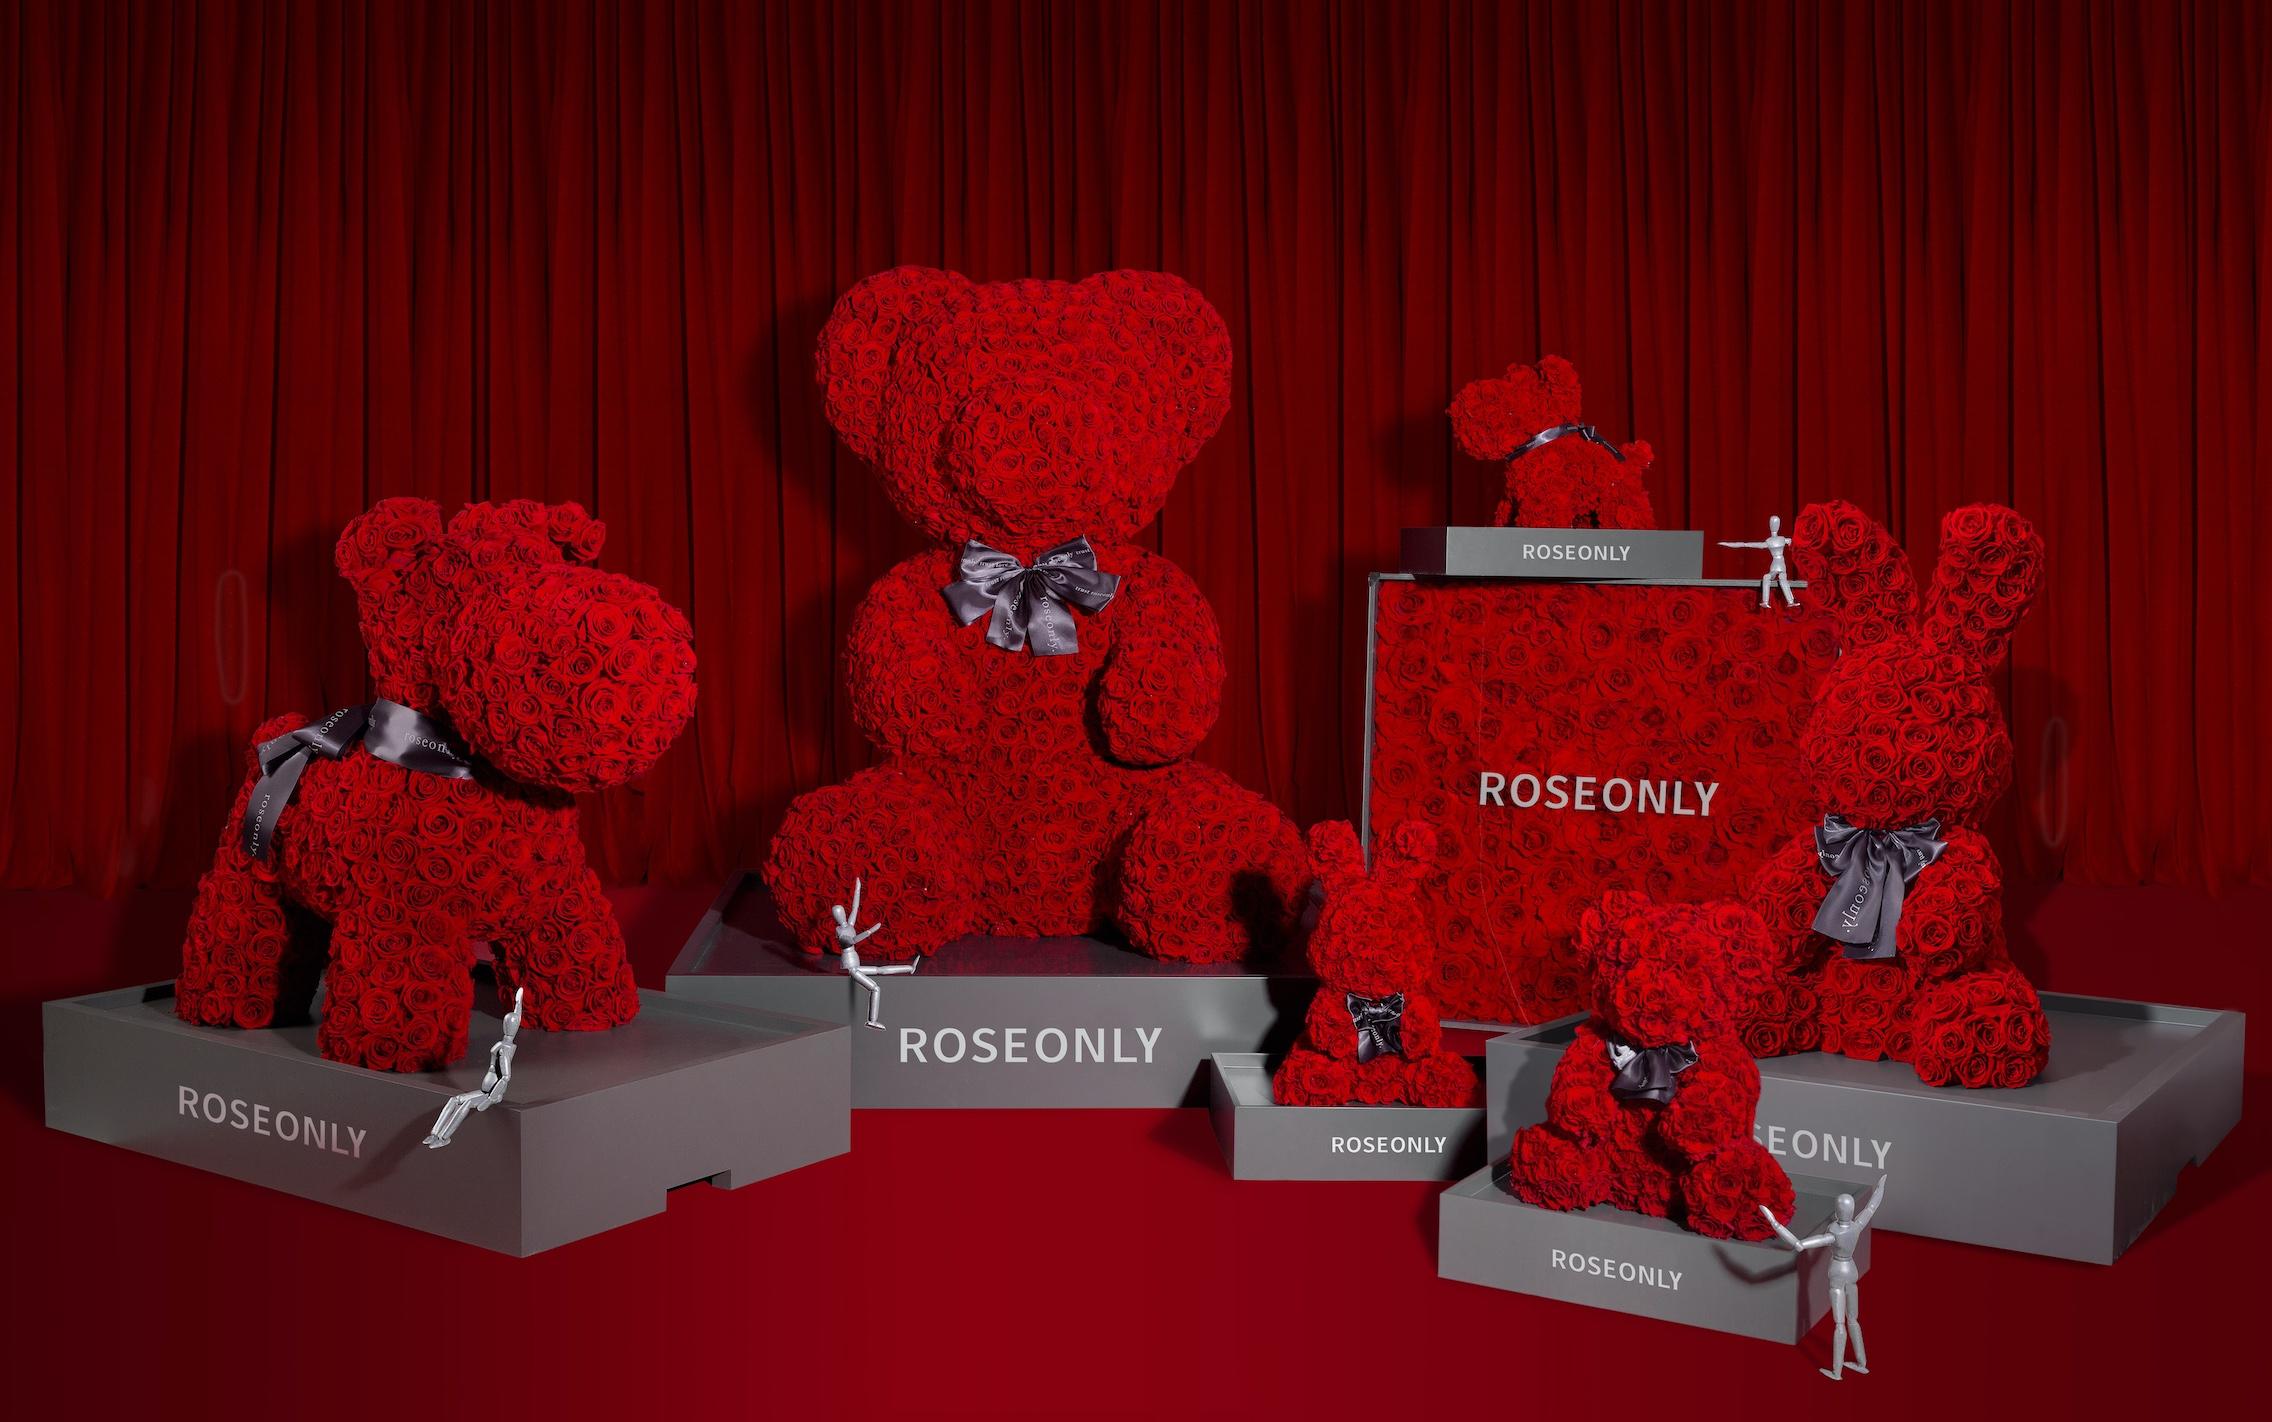 那个说「一生只爱一人」的奢侈品牌 ROSEONLY,现在怎样了?| BrandStar专访